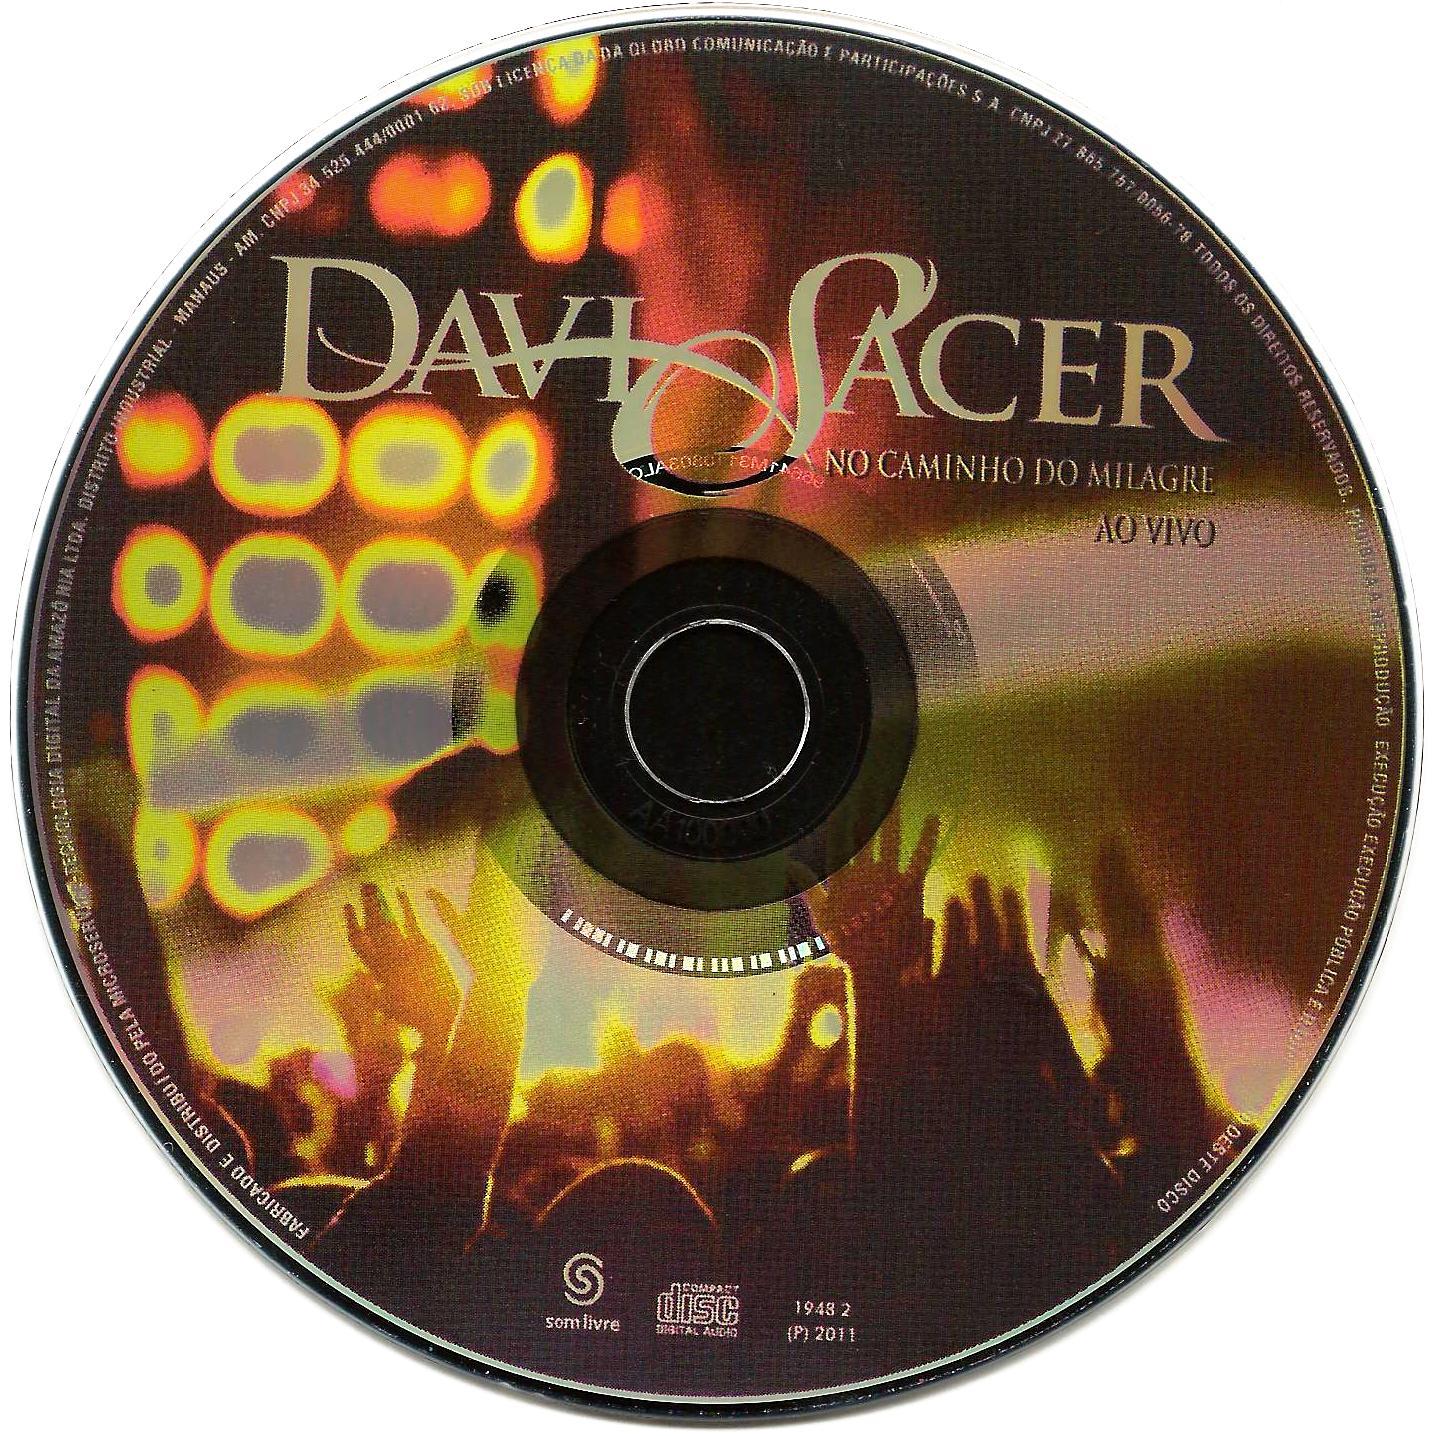 GRATIS MILAGRE DO DAVI CAMINHO DVD NO BAIXAR SACER